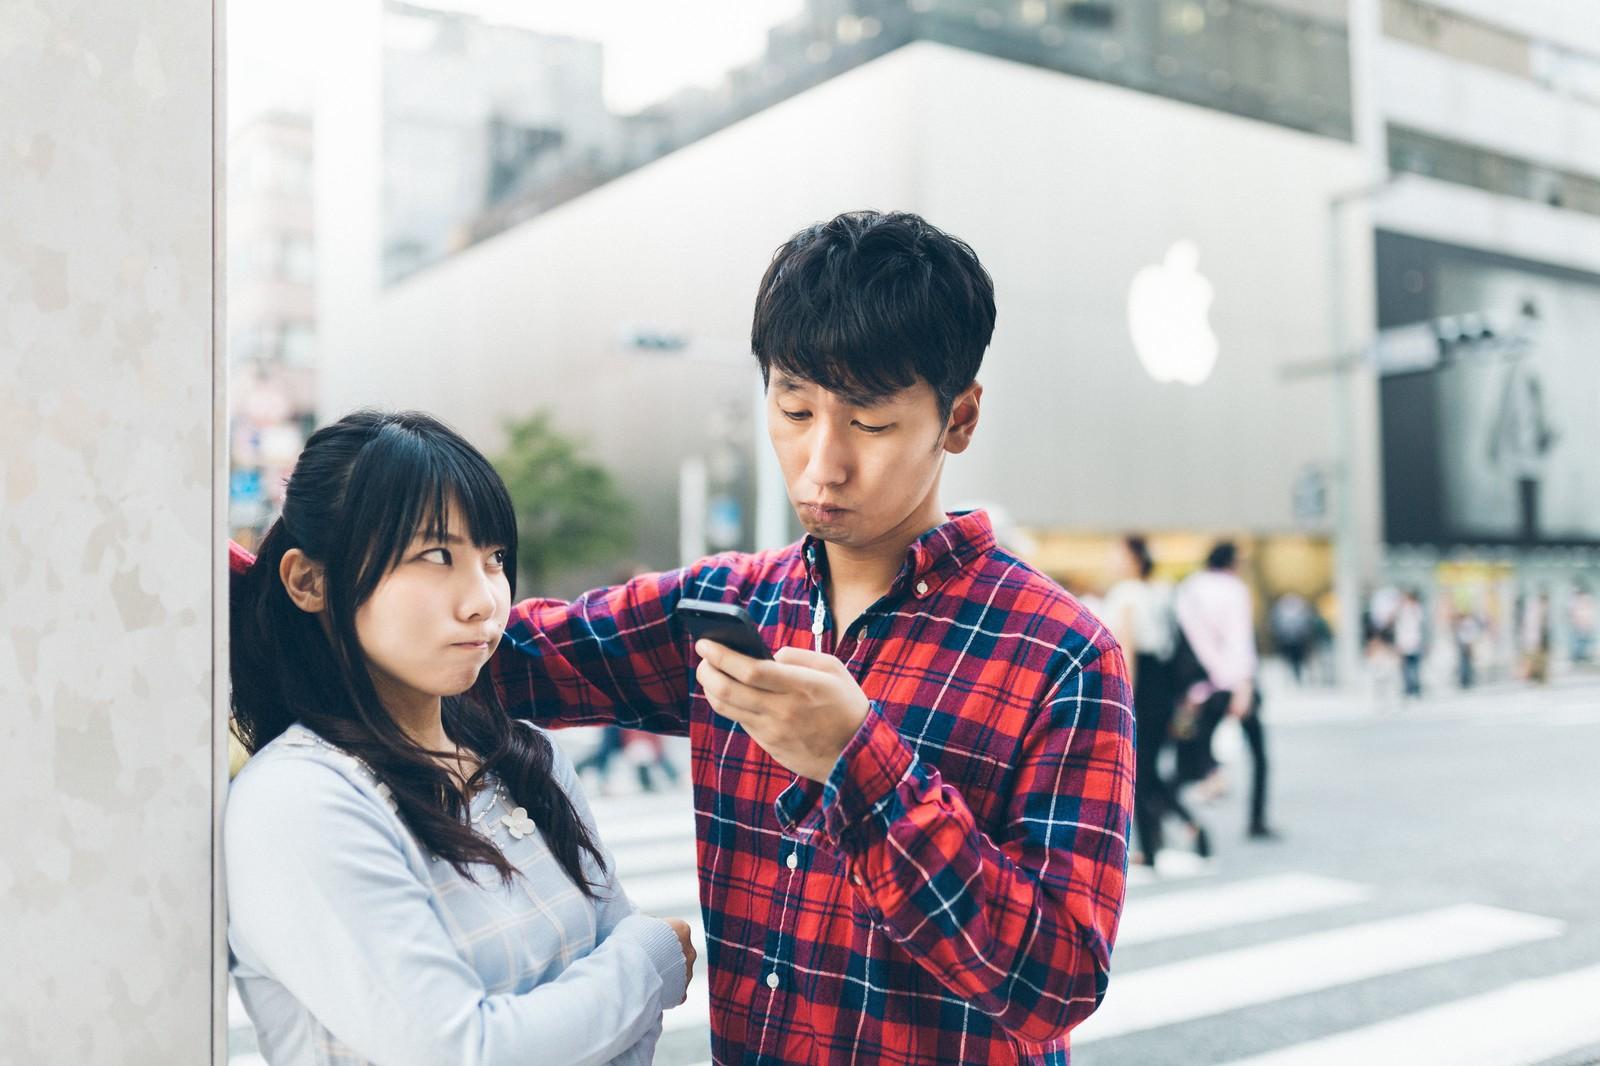 婚活で既婚者を見抜く方法19